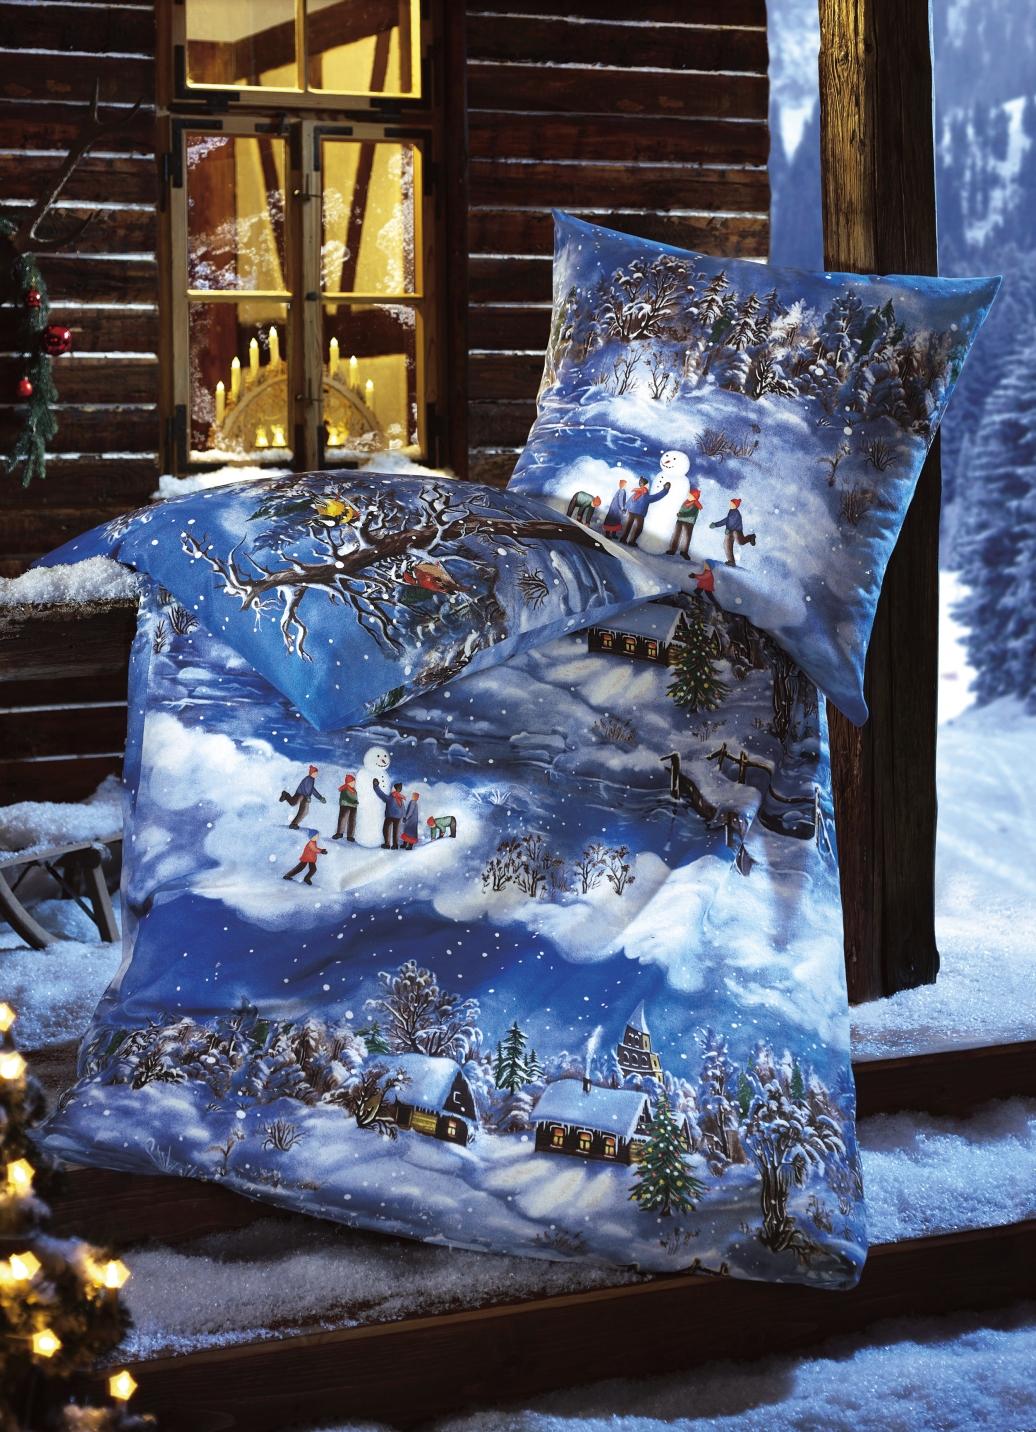 dobnig bettw sche garnitur mit wintermotiv bettw sche brigitte hachenburg. Black Bedroom Furniture Sets. Home Design Ideas